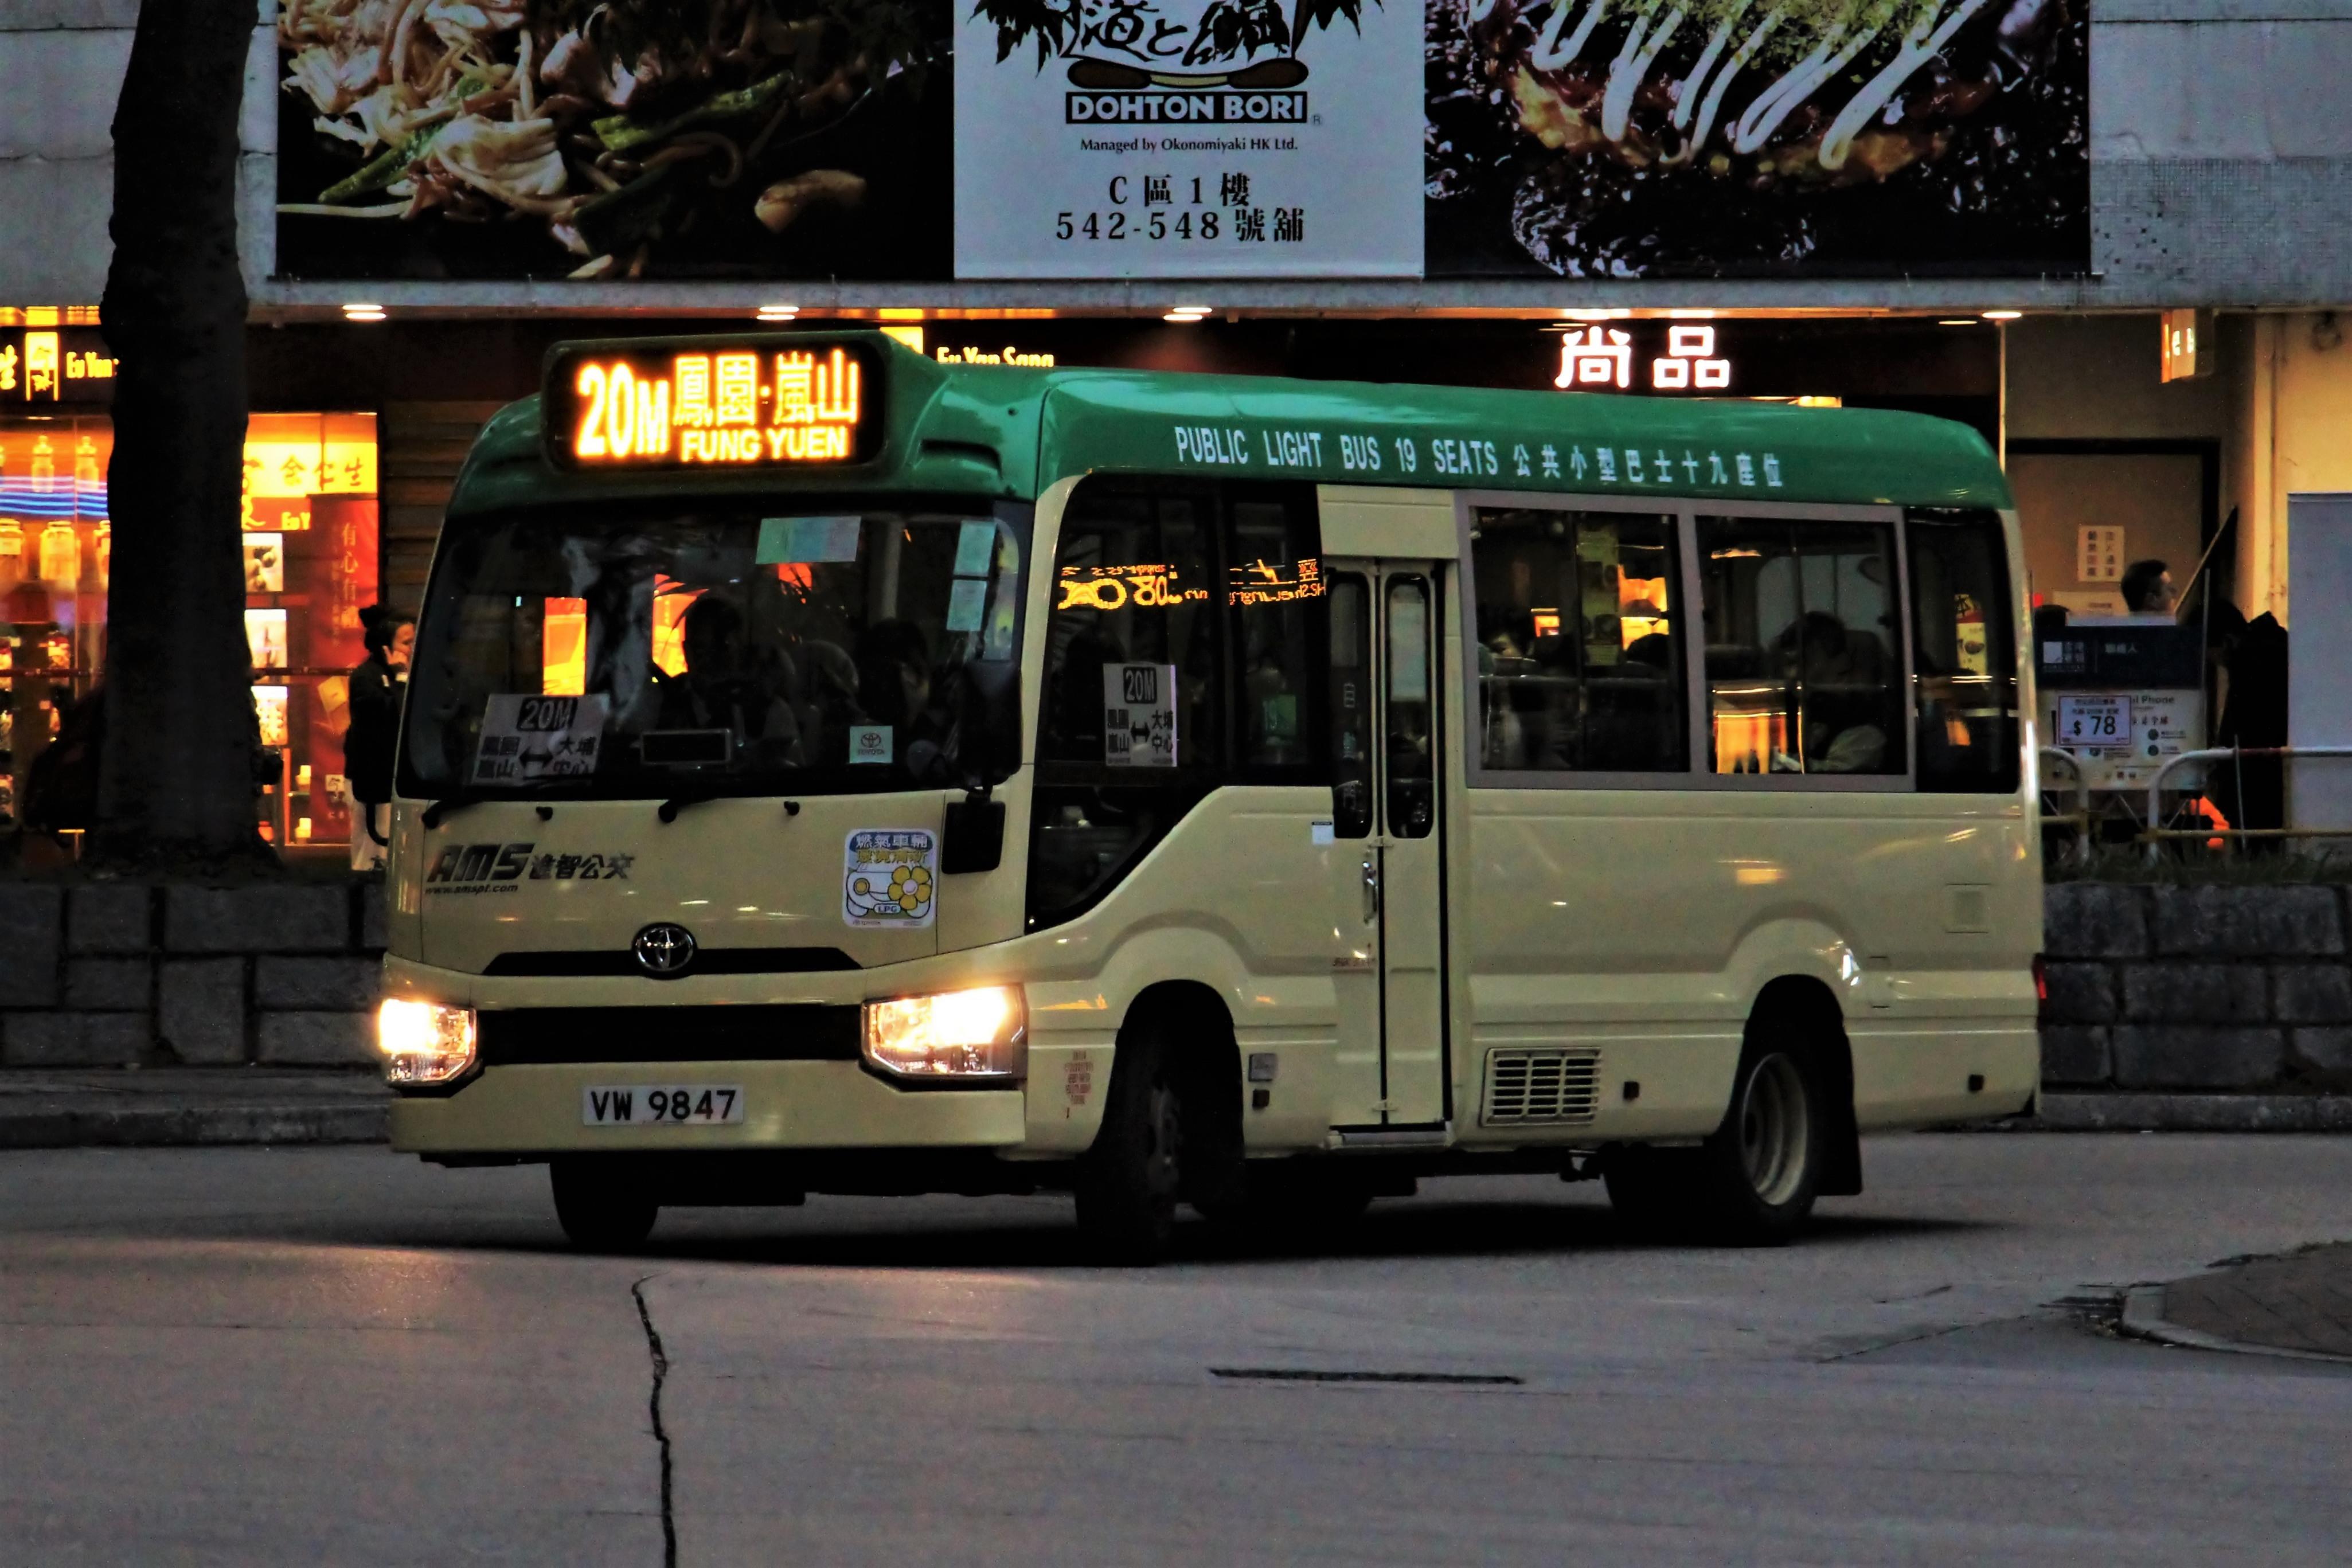 新界專綫小巴20M線